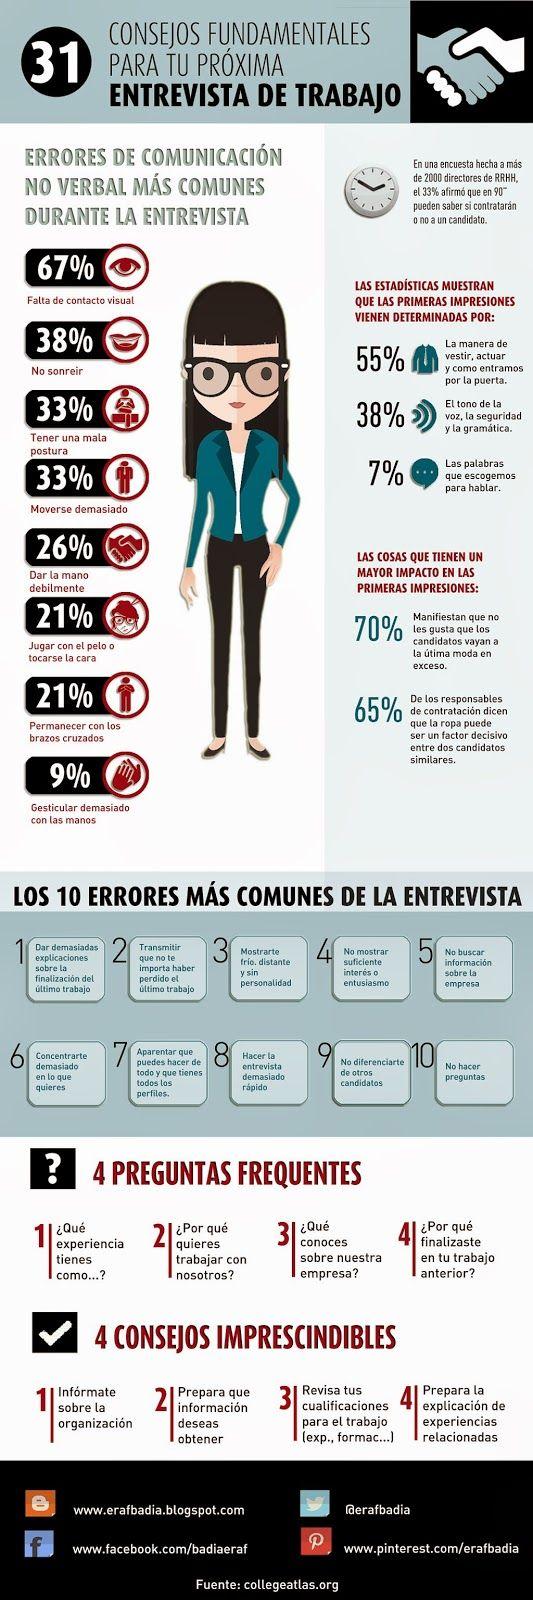 Hola: Una infografía con 31 consejos fundamentales para una entrevista de trabajo. Vía Un saludo